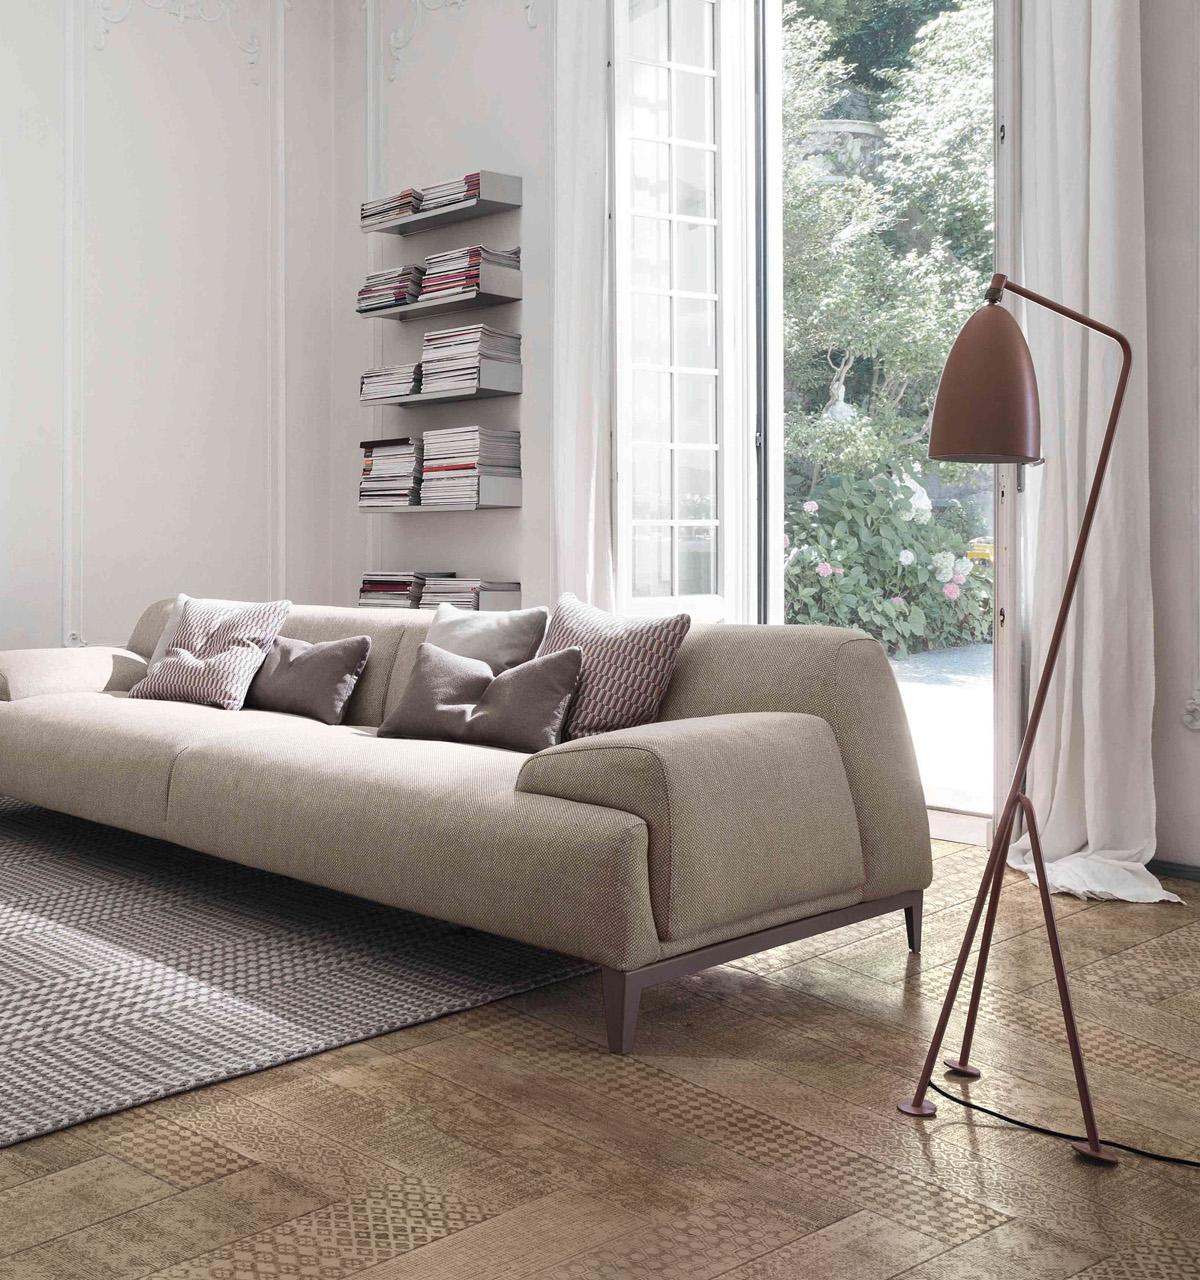 LG_Undici_tessuto-divano